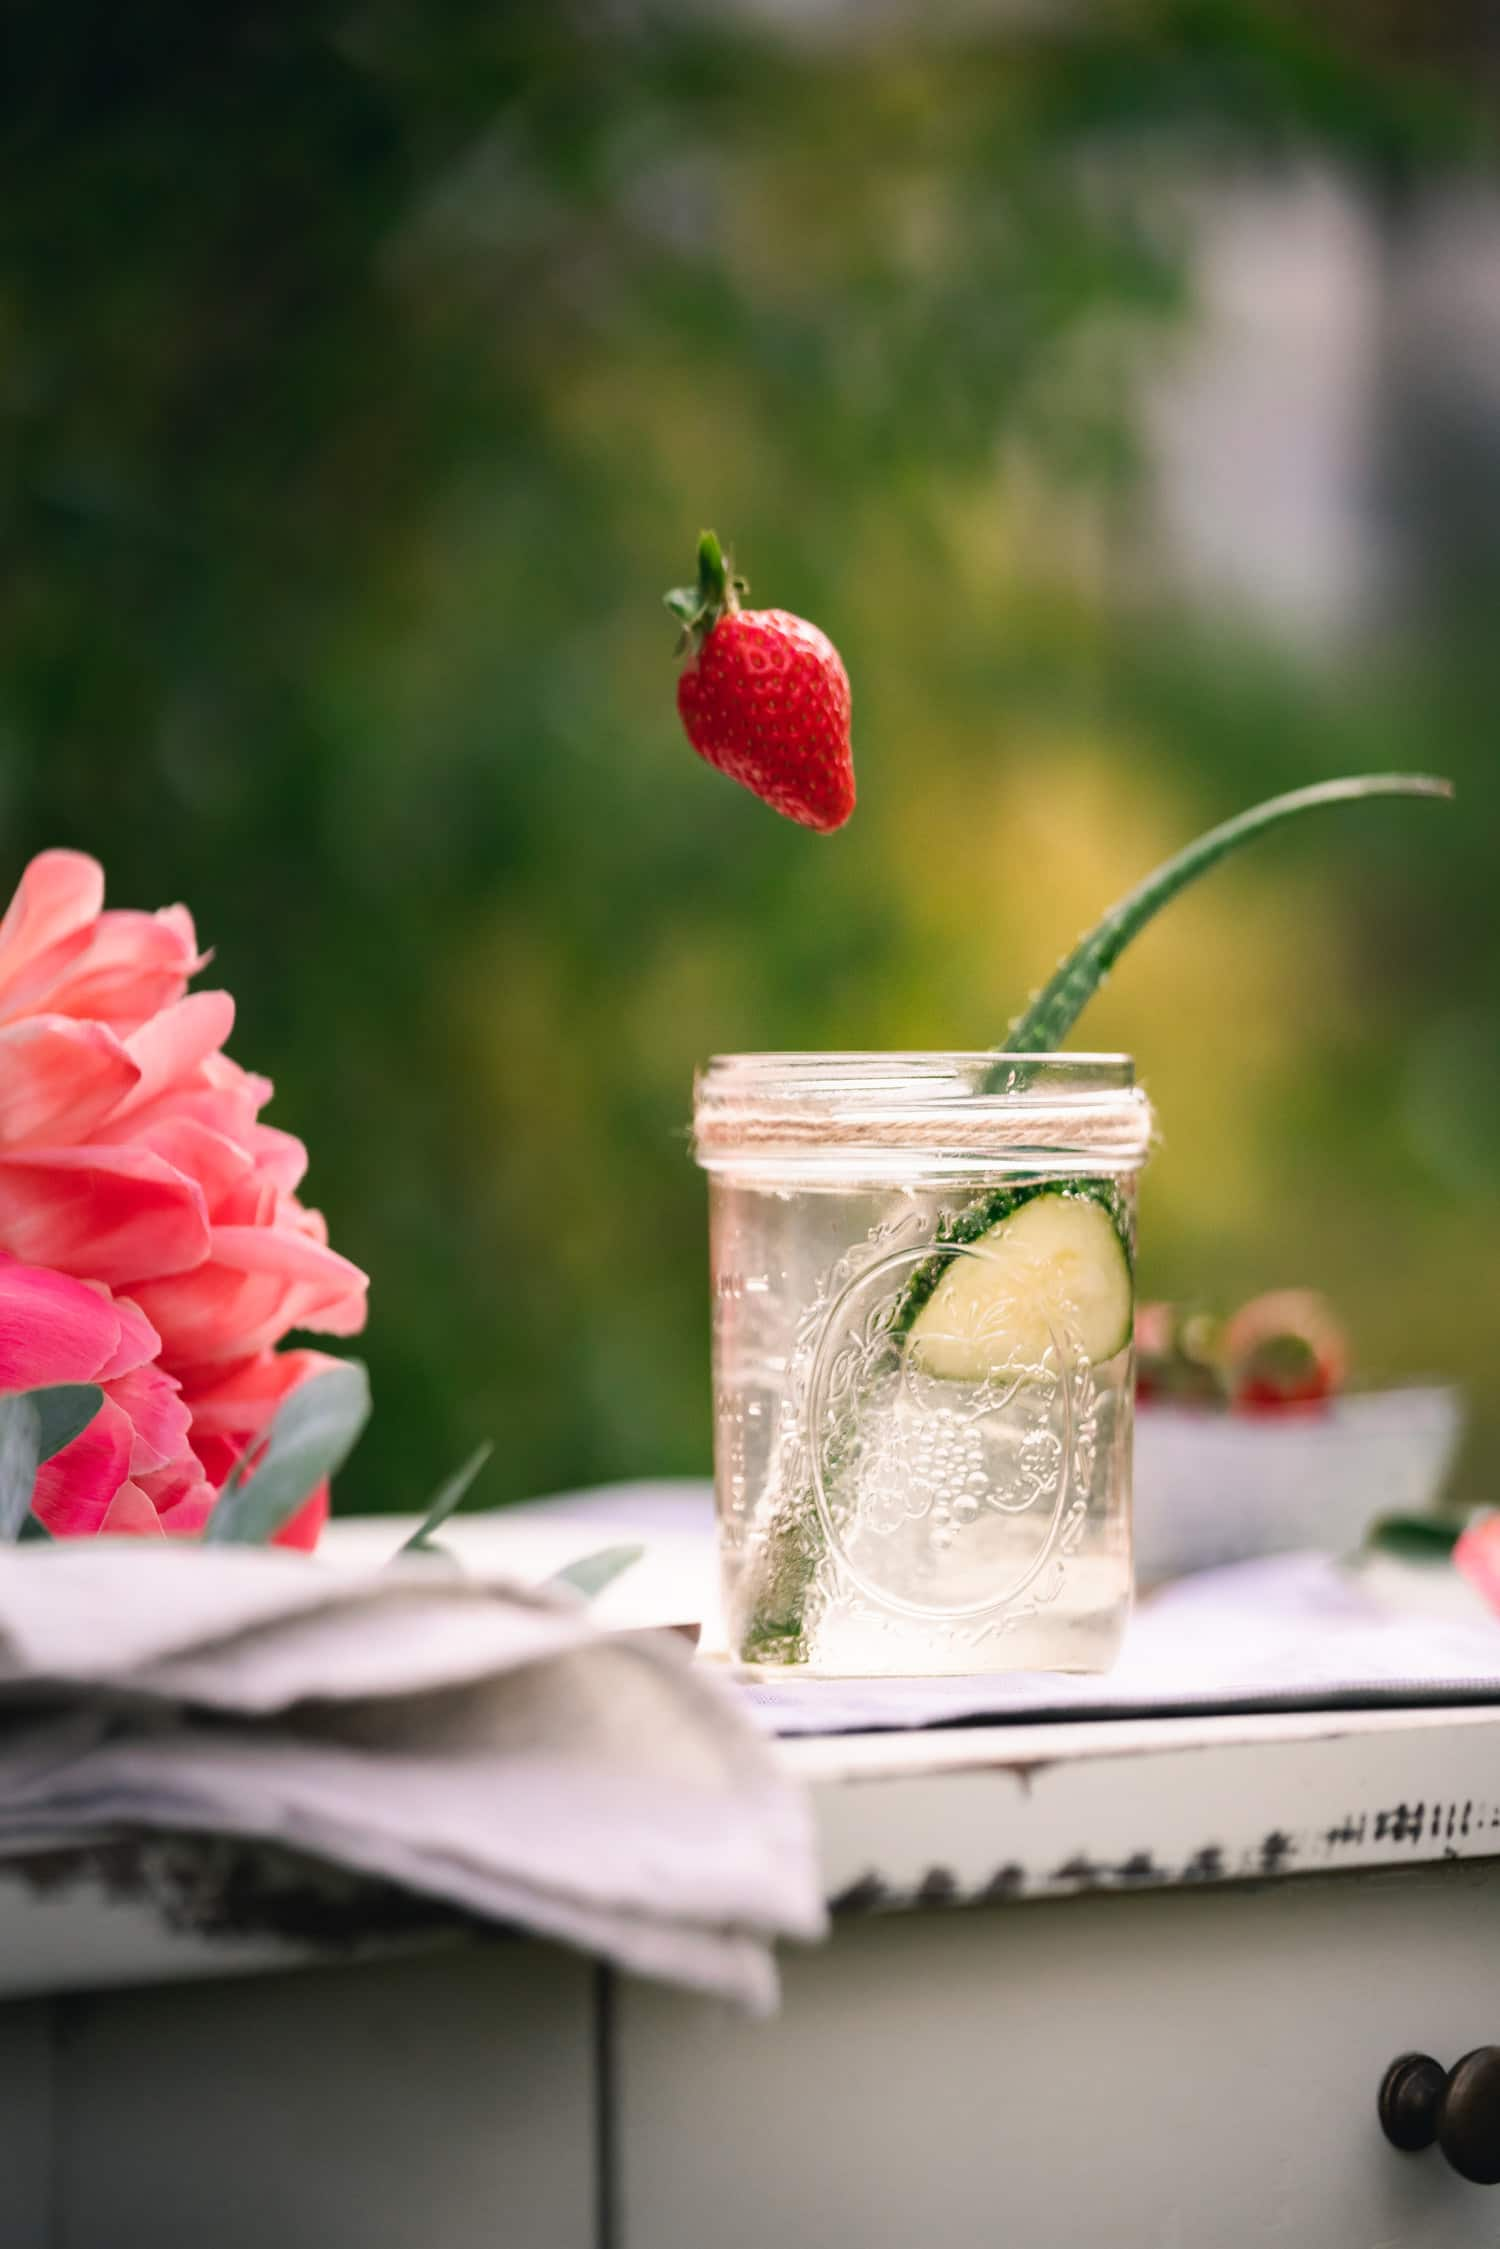 Erdbeere fällt in Aloe Vera Saft